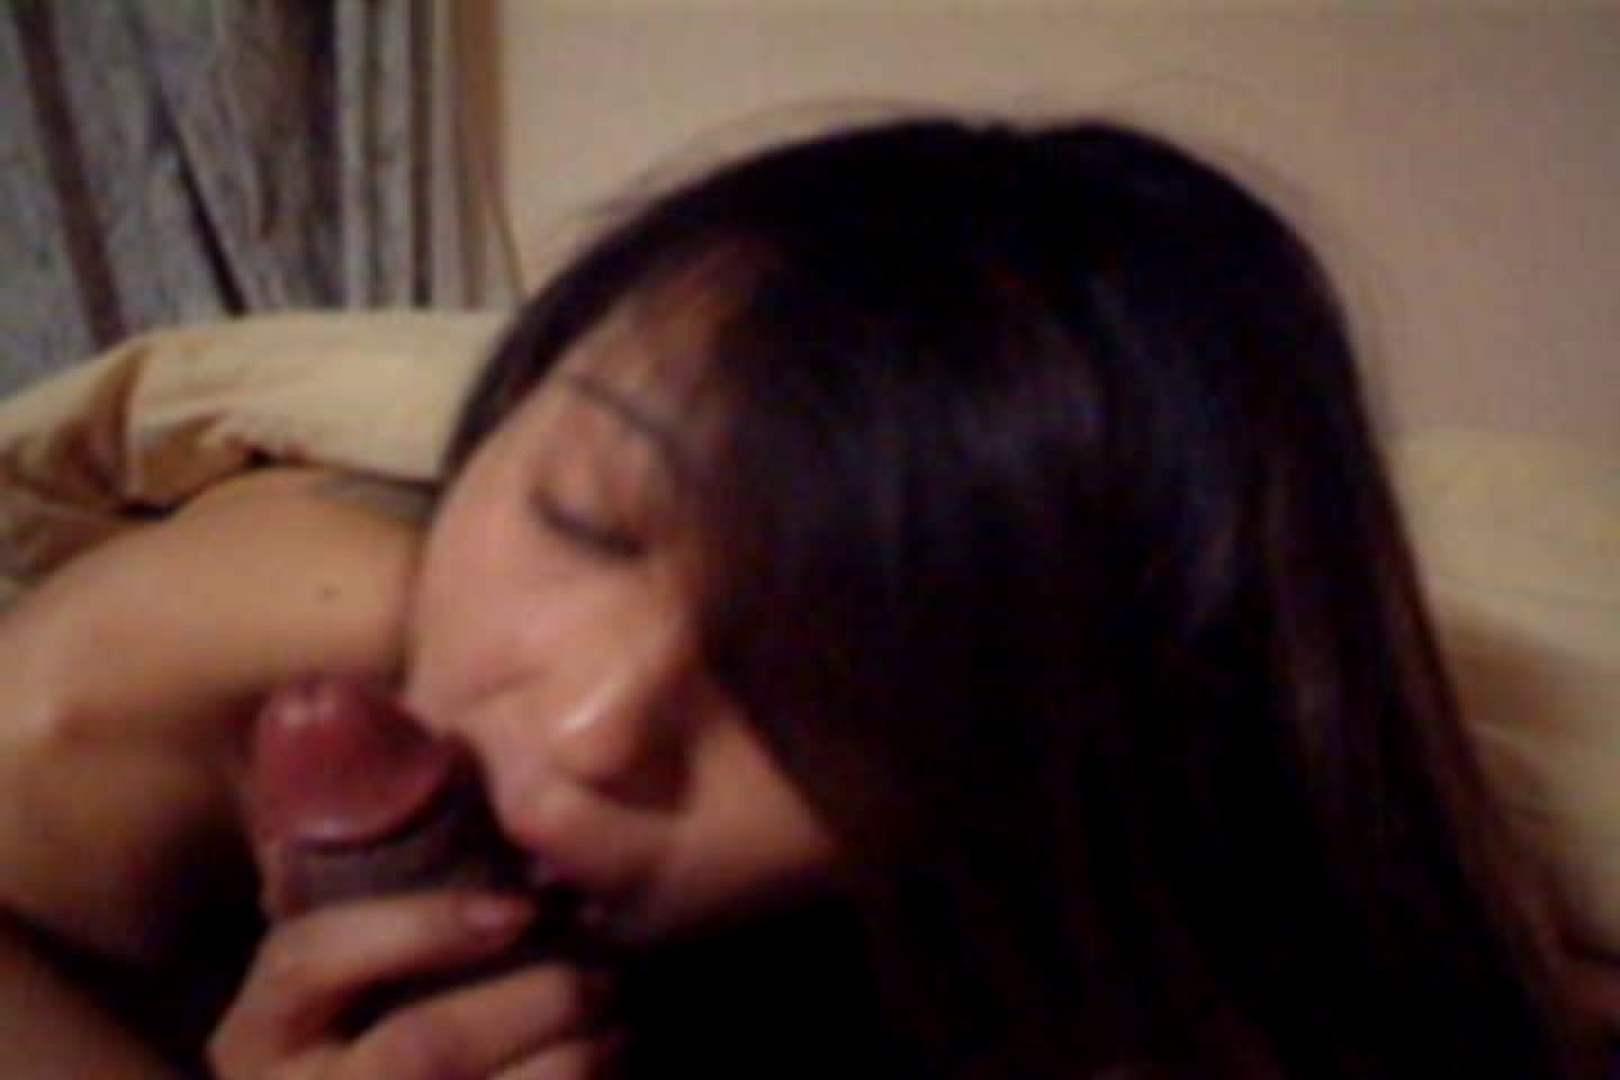 ウイルス流出 上野ゆり子バツ1のフェラ動画 人妻  96pic 4